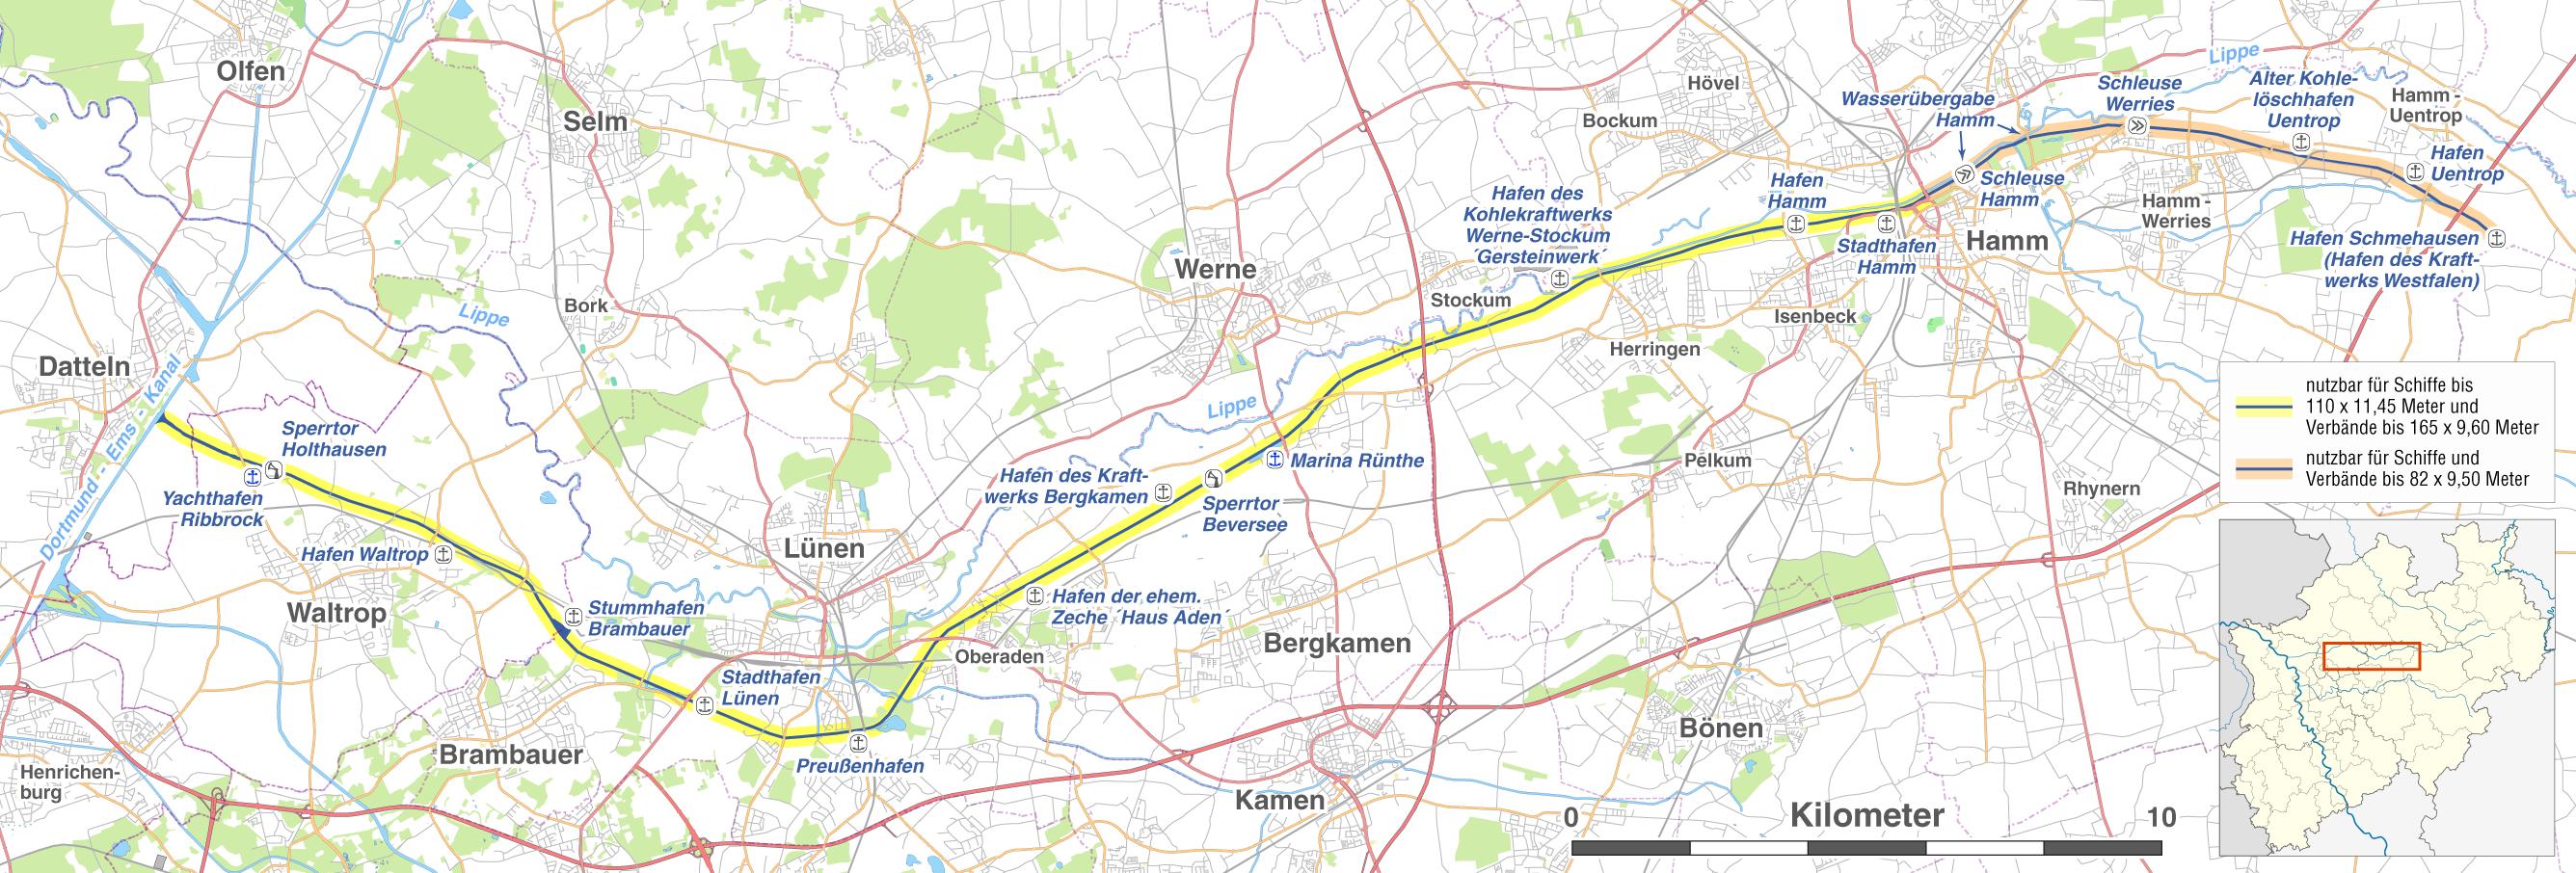 Hamm Karte.File Karte Des Datteln Hamm Kanals Png Wikimedia Commons